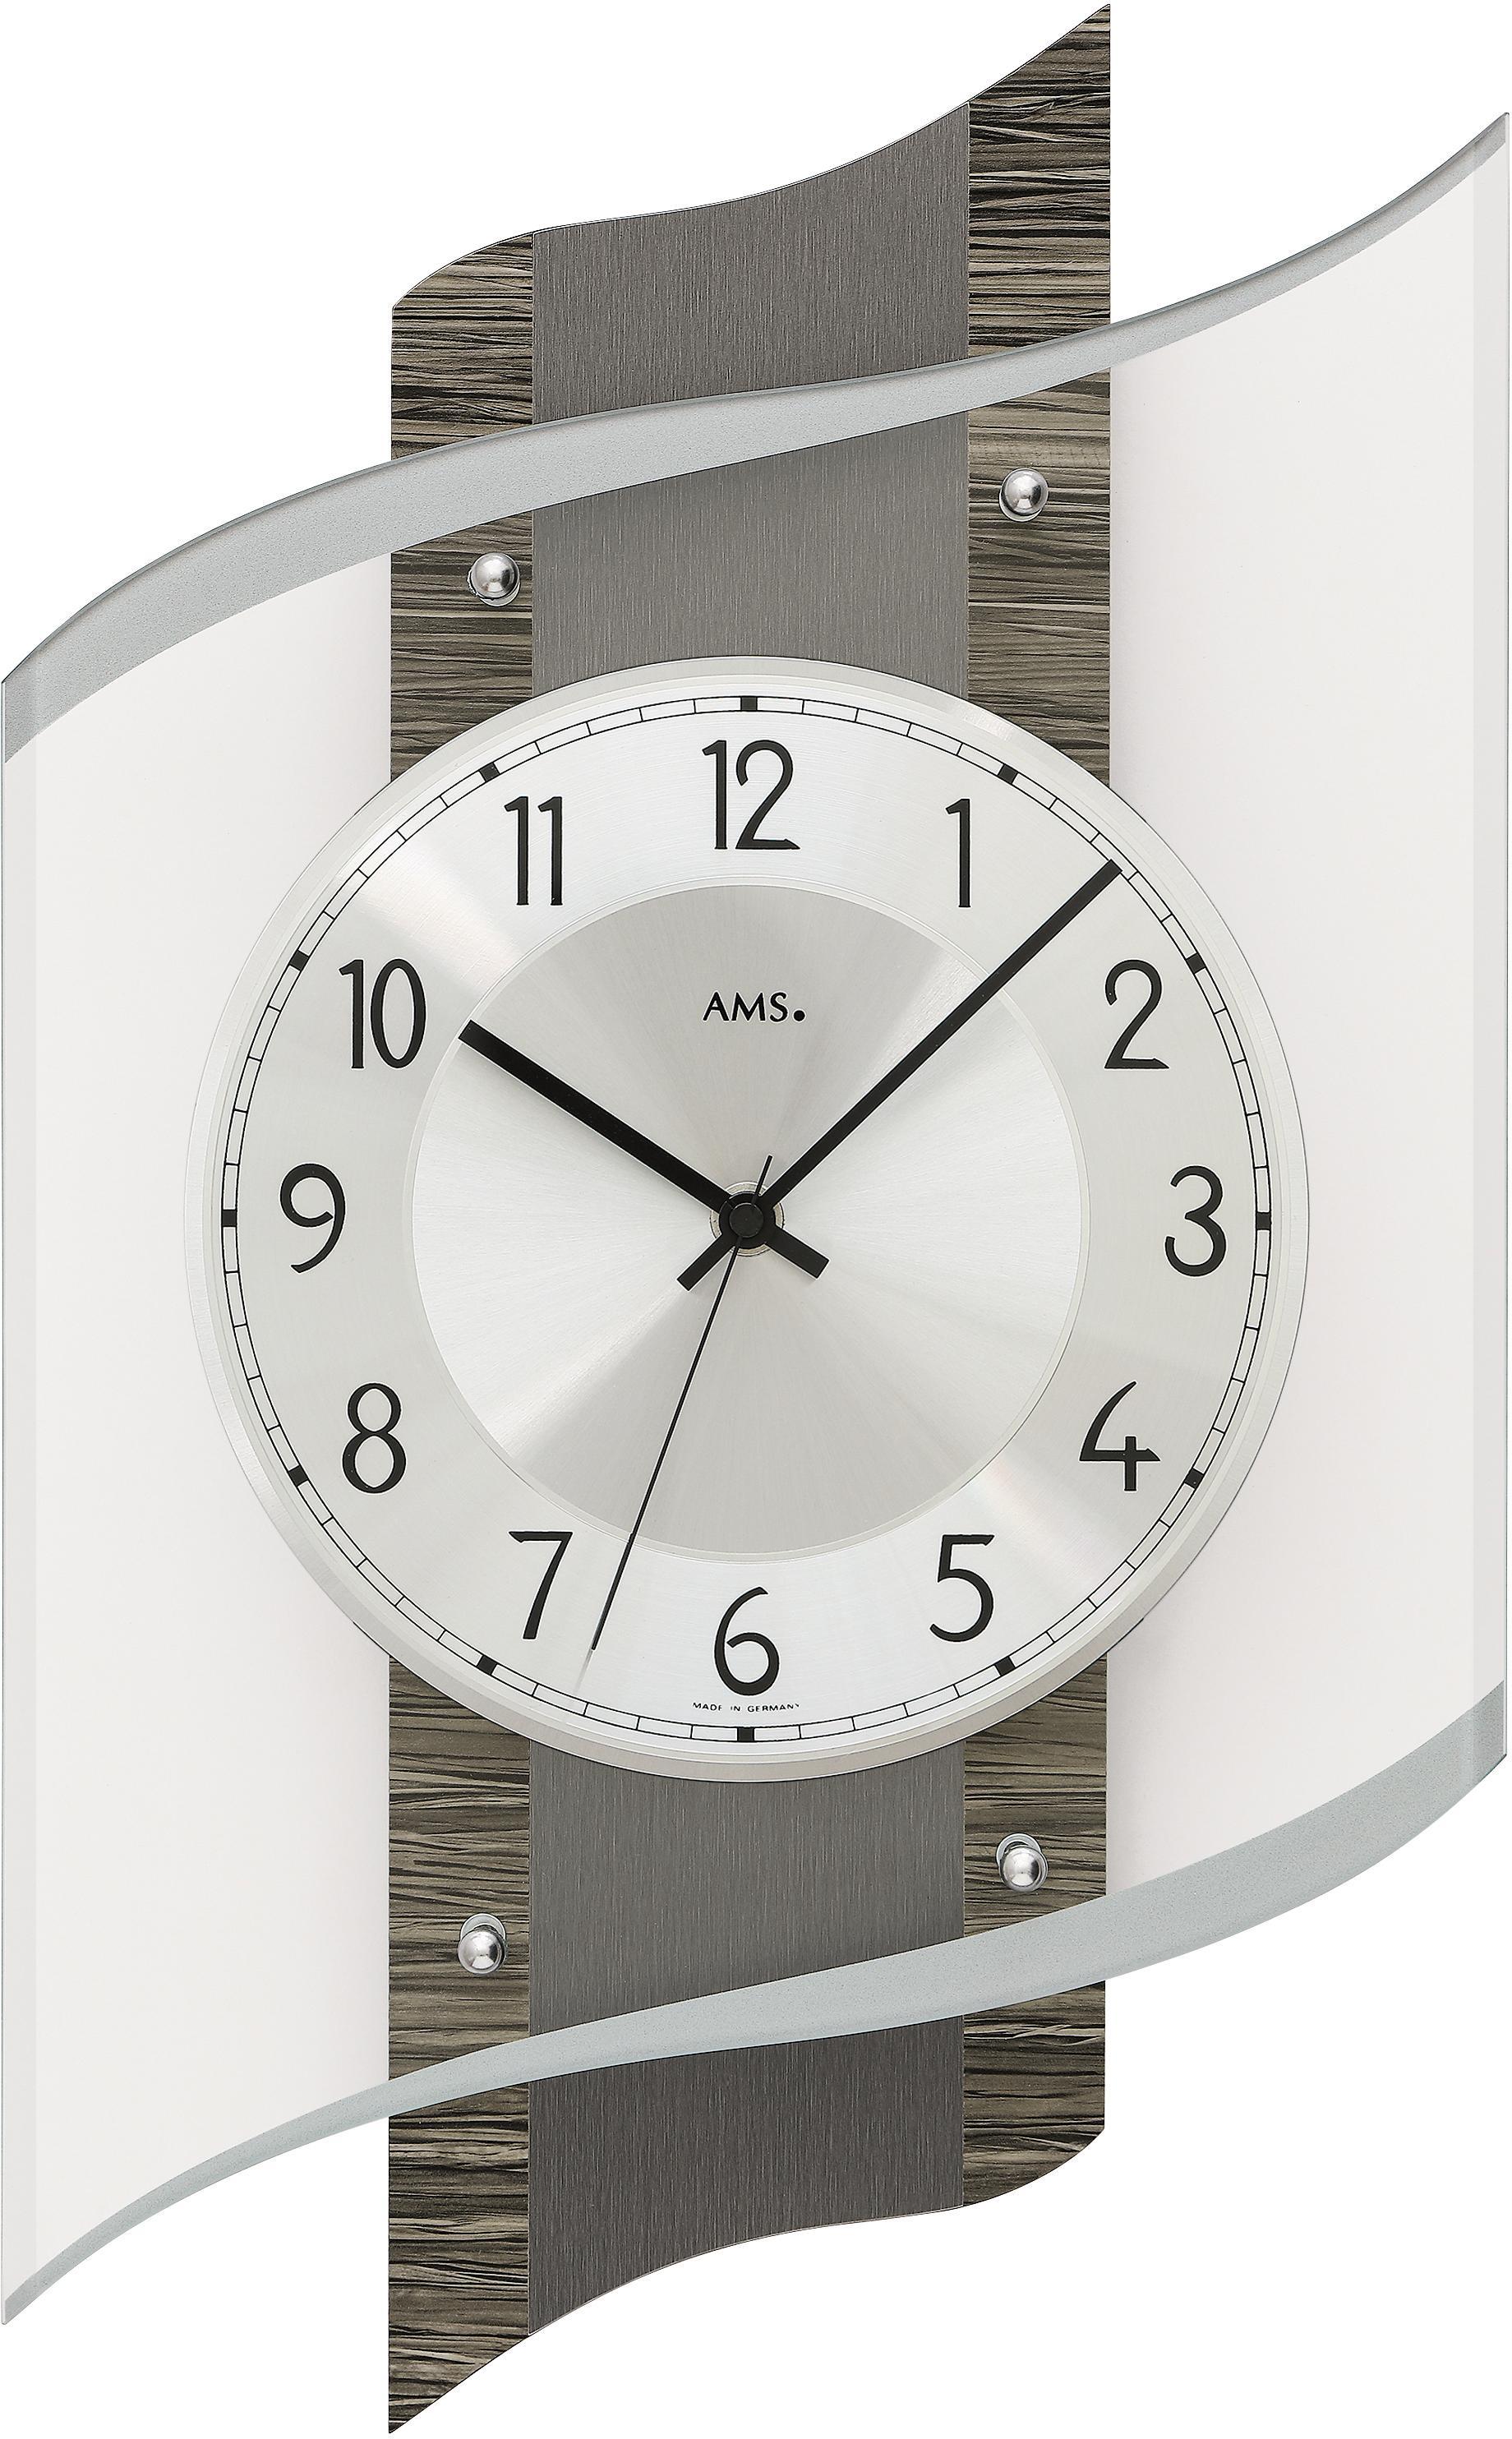 AMS Funkwanduhr F5519 | Dekoration > Uhren > Wanduhren | Grau | Ams